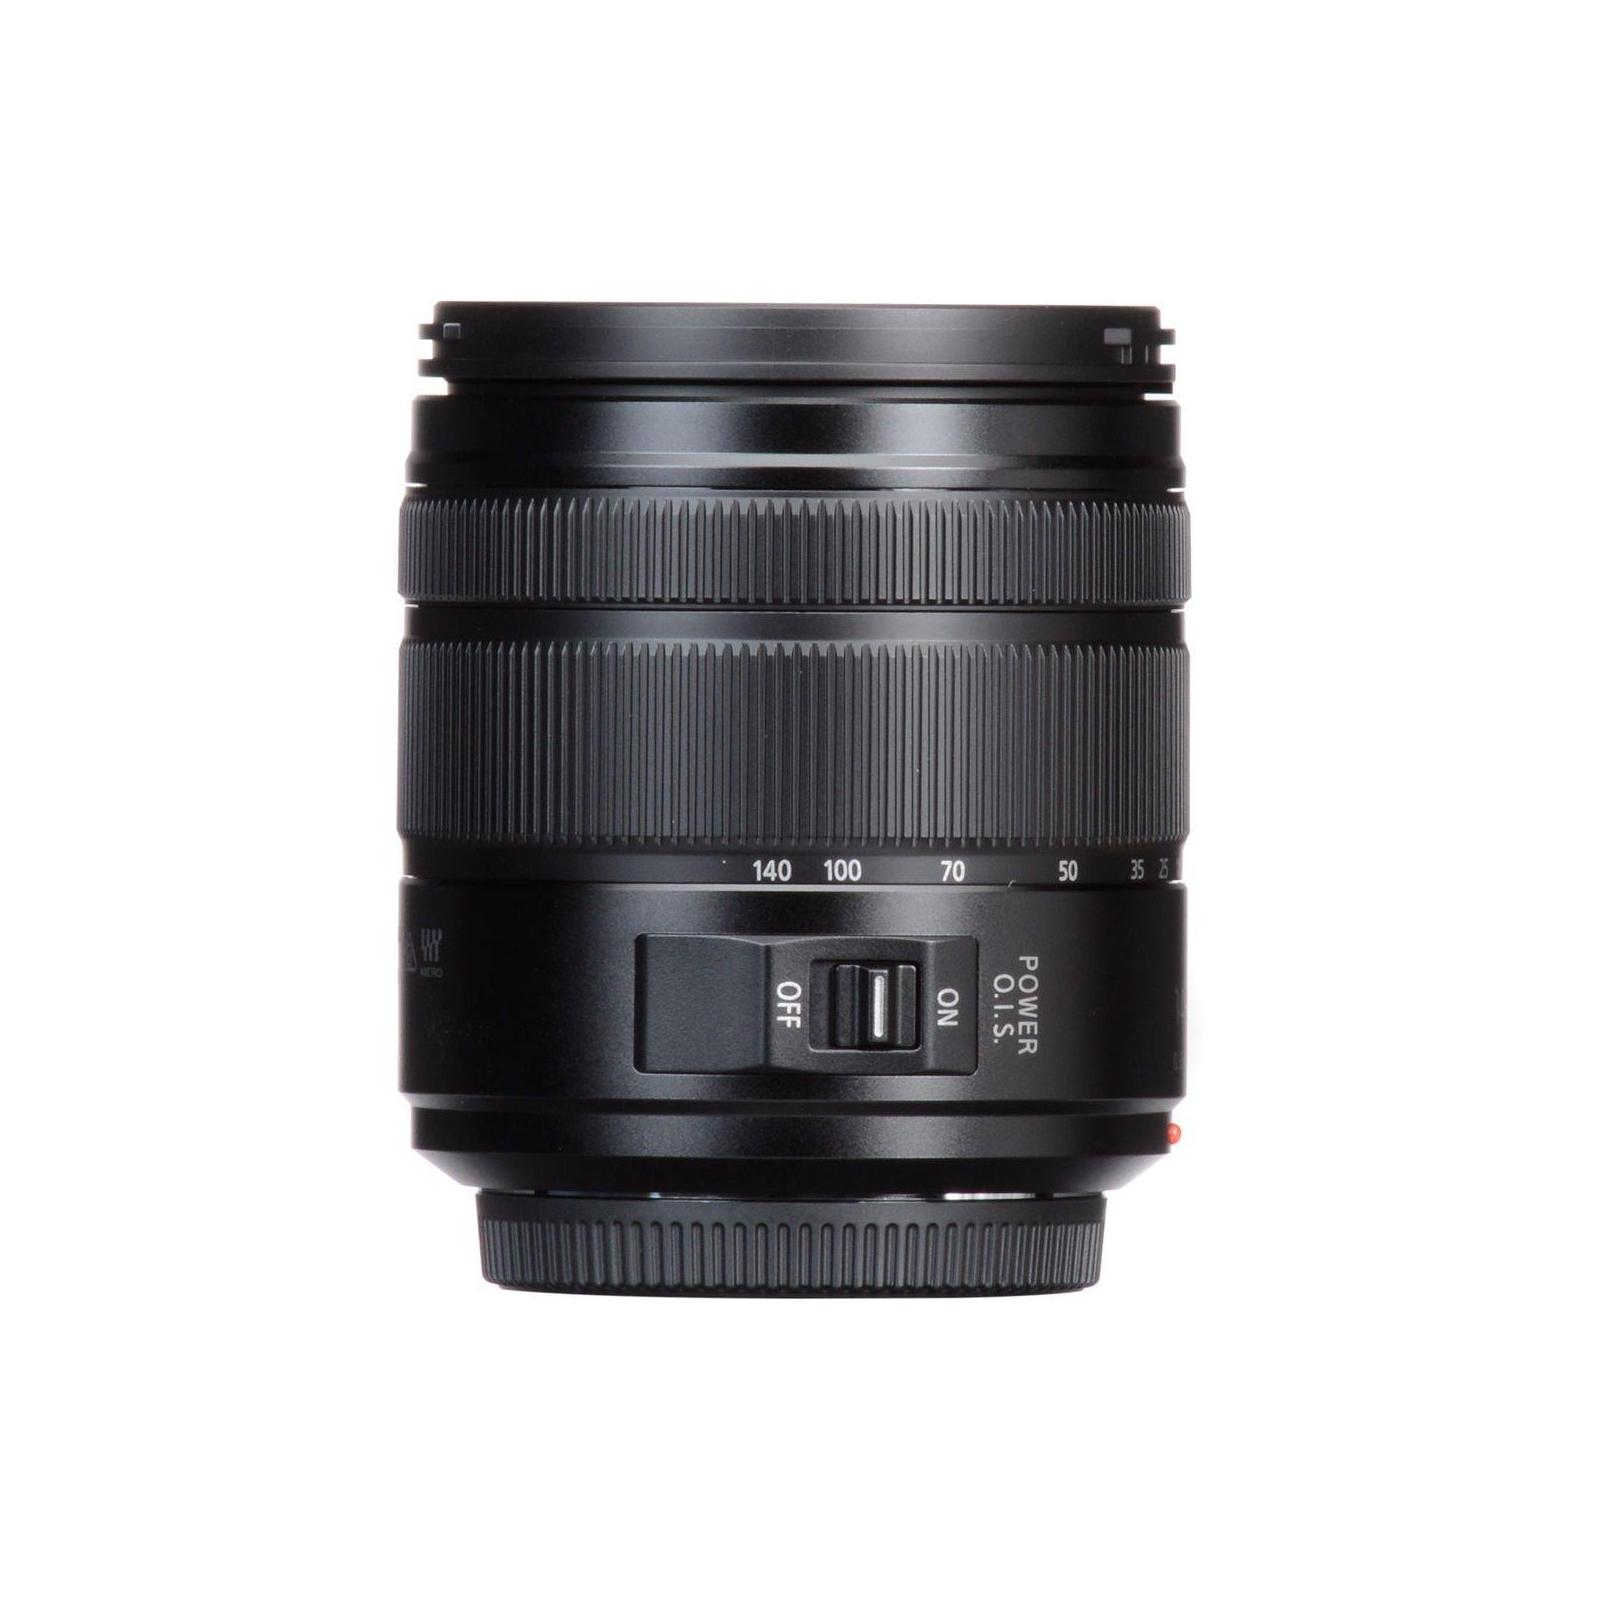 Объектив PANASONIC Micro 4/3 Lens 14-140mm f/3.5-5.6 ASPH. POWER O.I.S. Lumix G (H-FS14140E9K) изображение 4